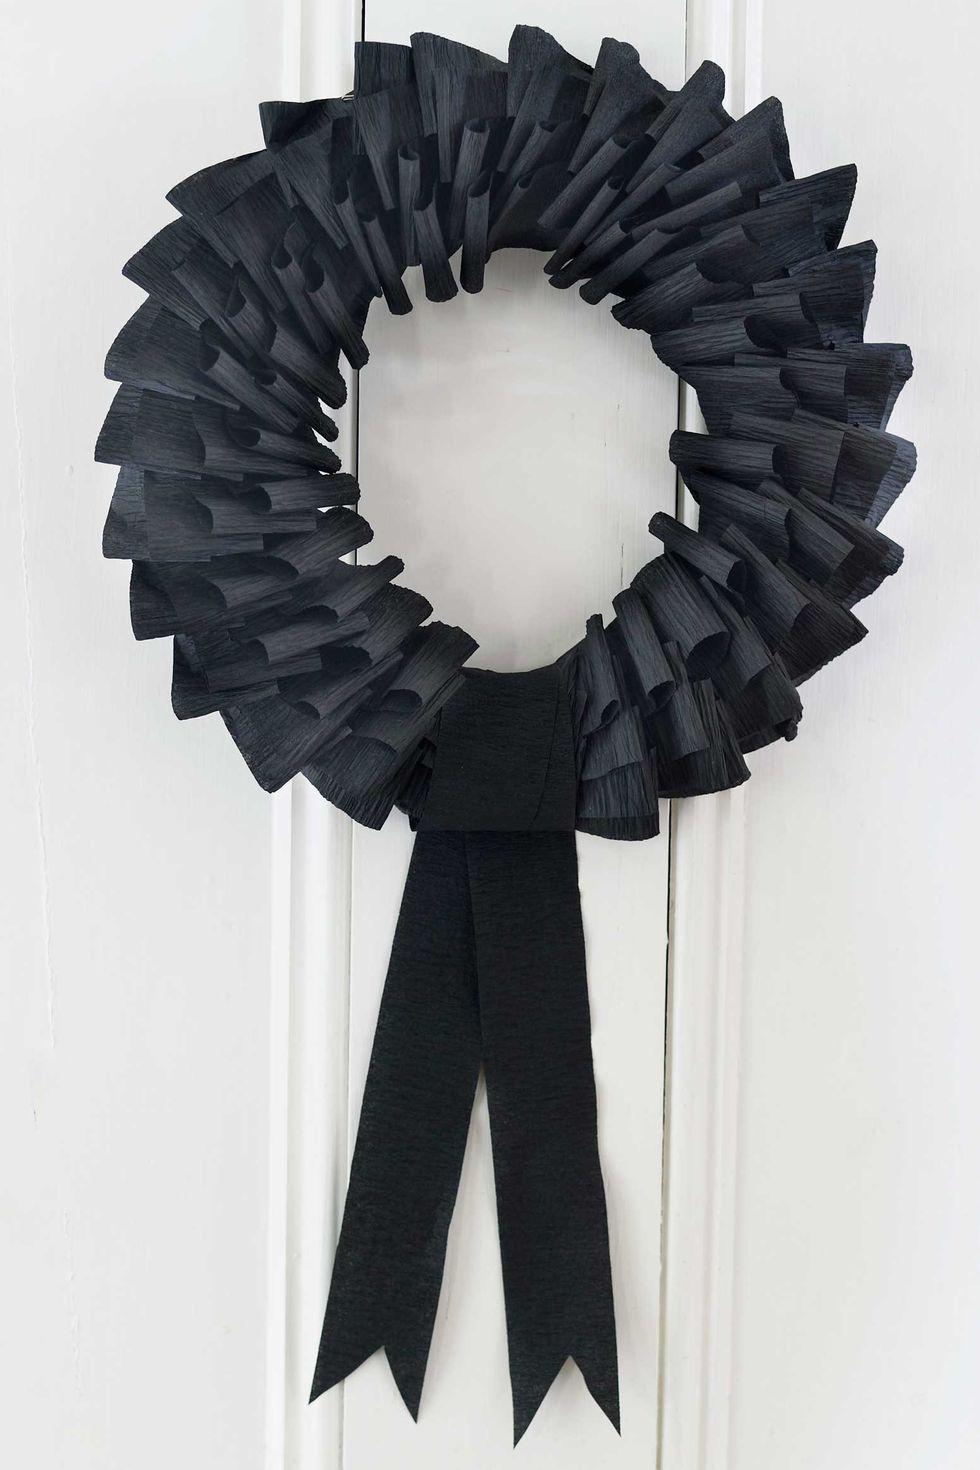 déco diy halloween facile couronne porte noire papier crépon - blog déco - clem around the corner